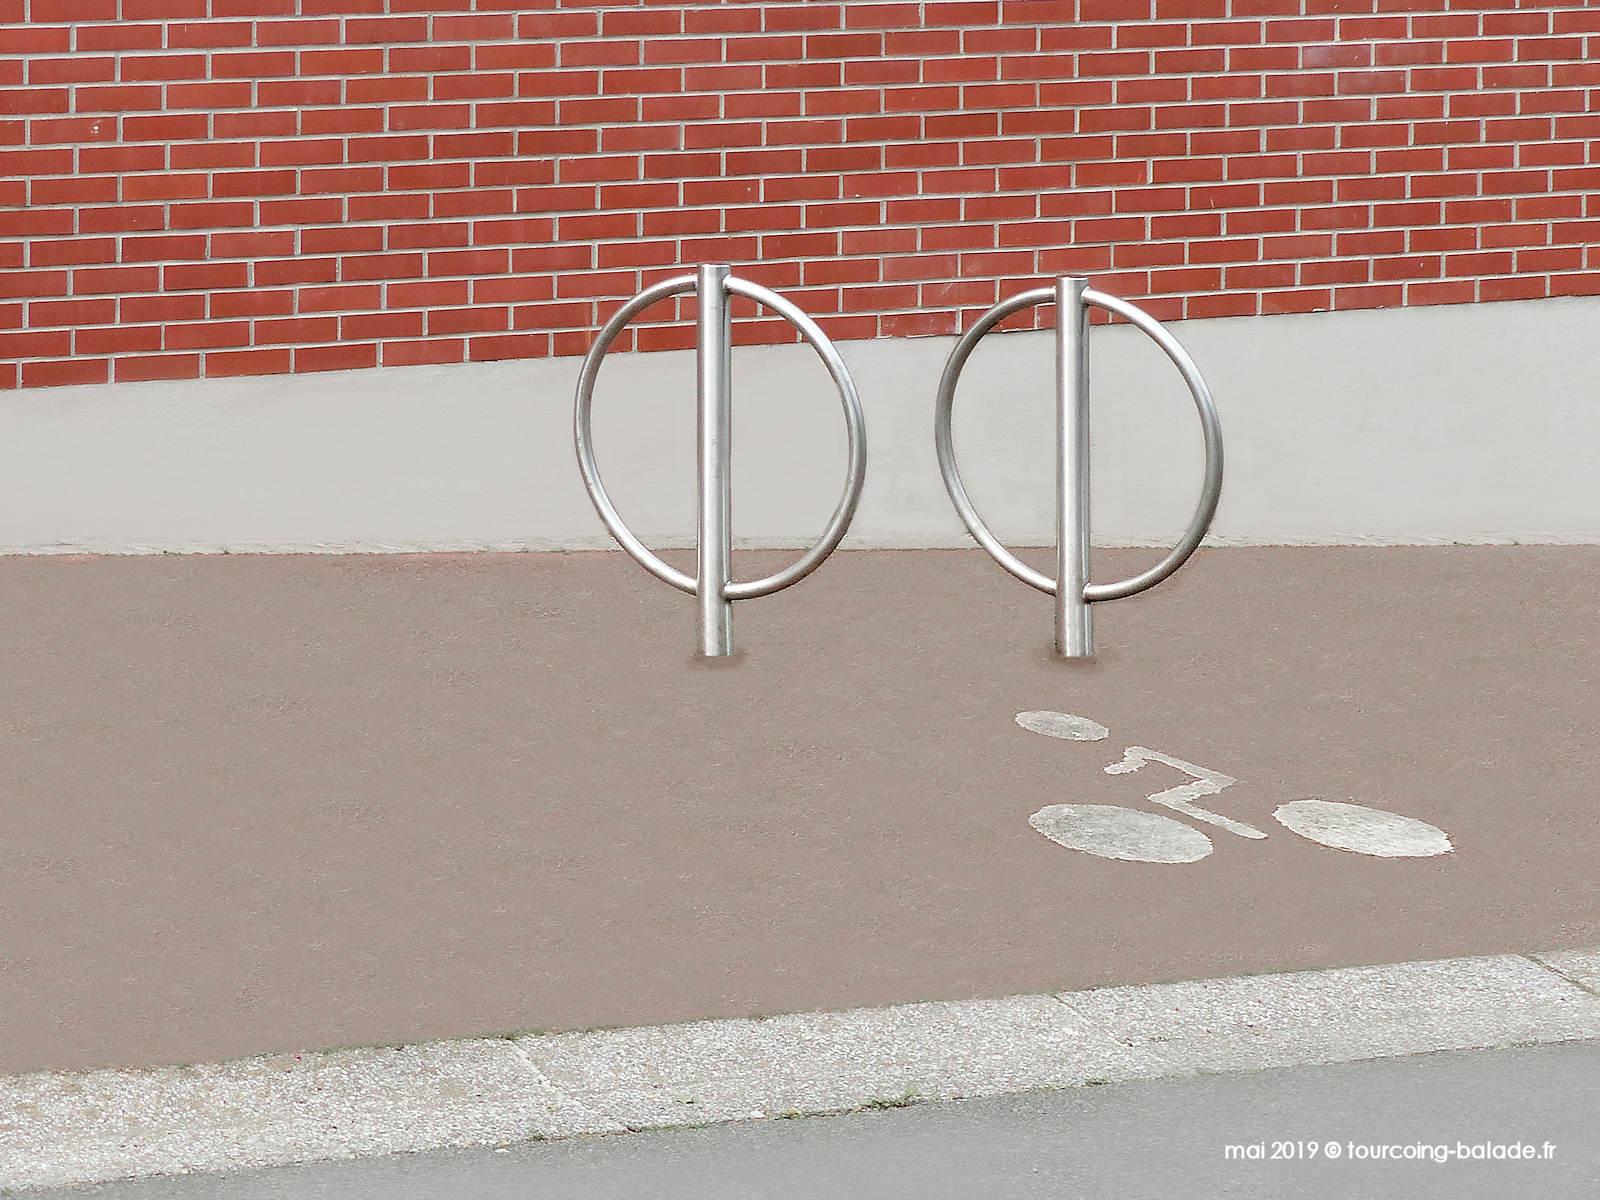 Arceaux Vélos - Archives municipales de Tourcoing